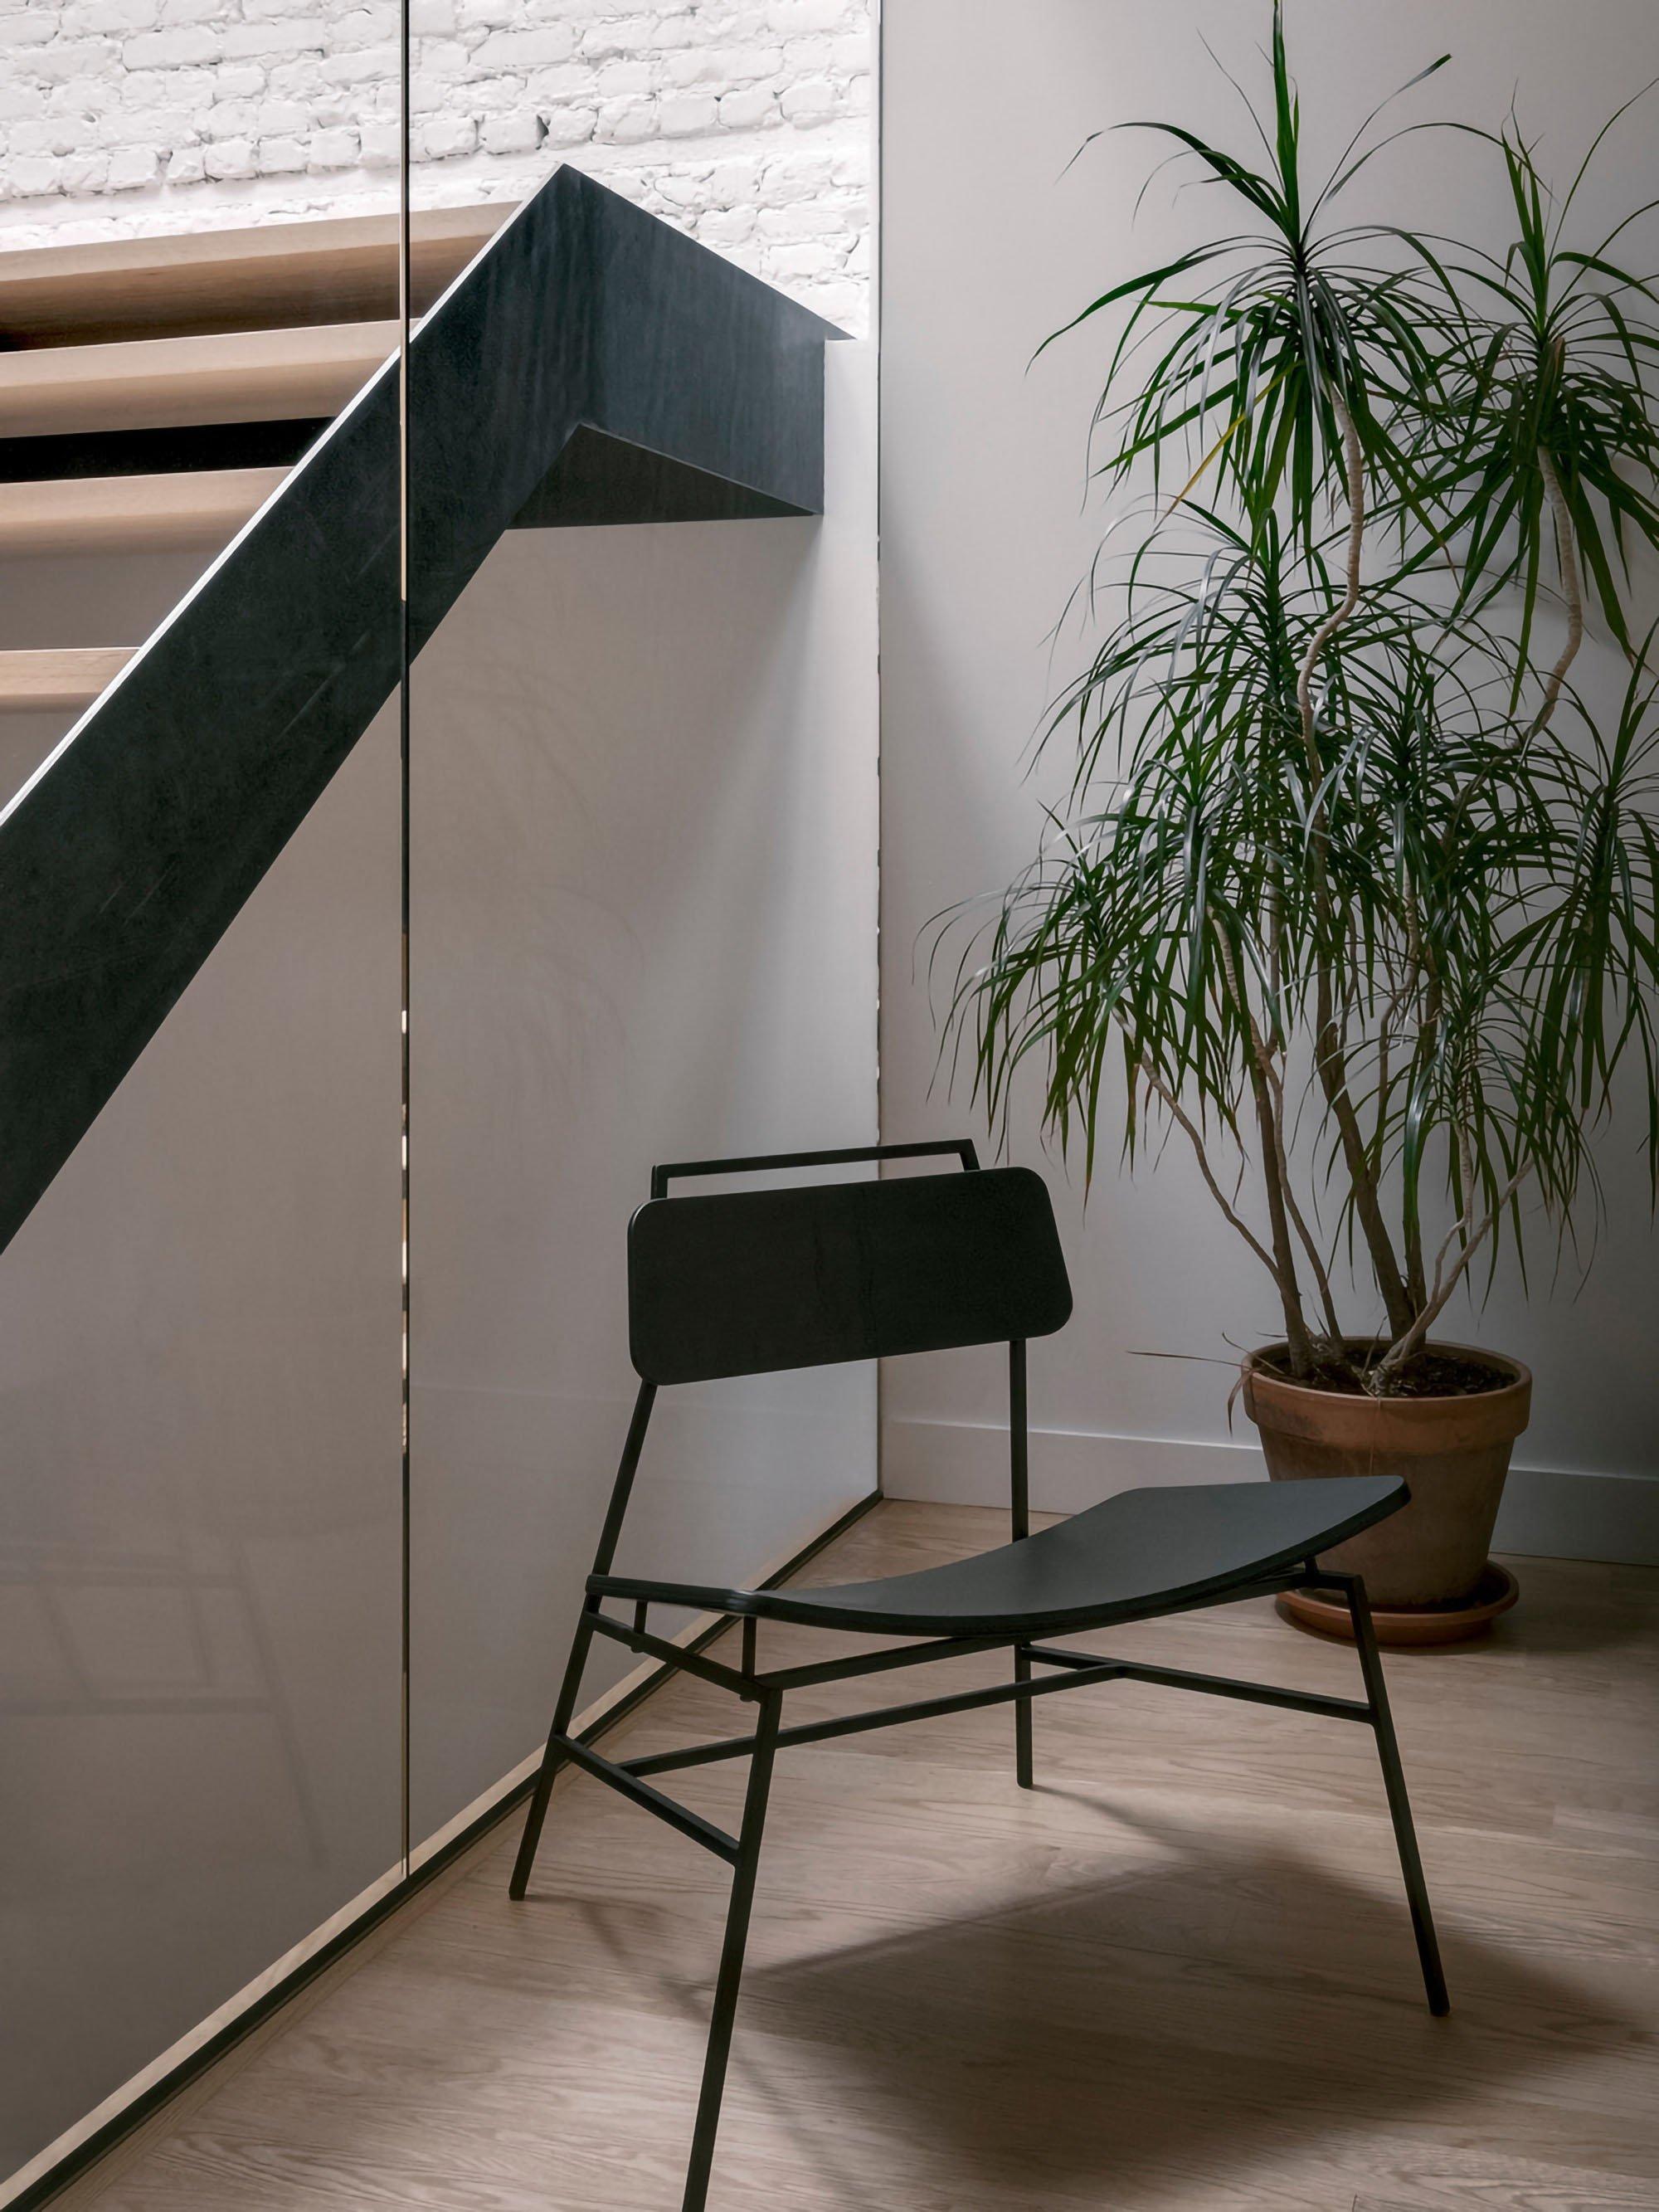 photo by Félix Michaud - Appareil Architecture